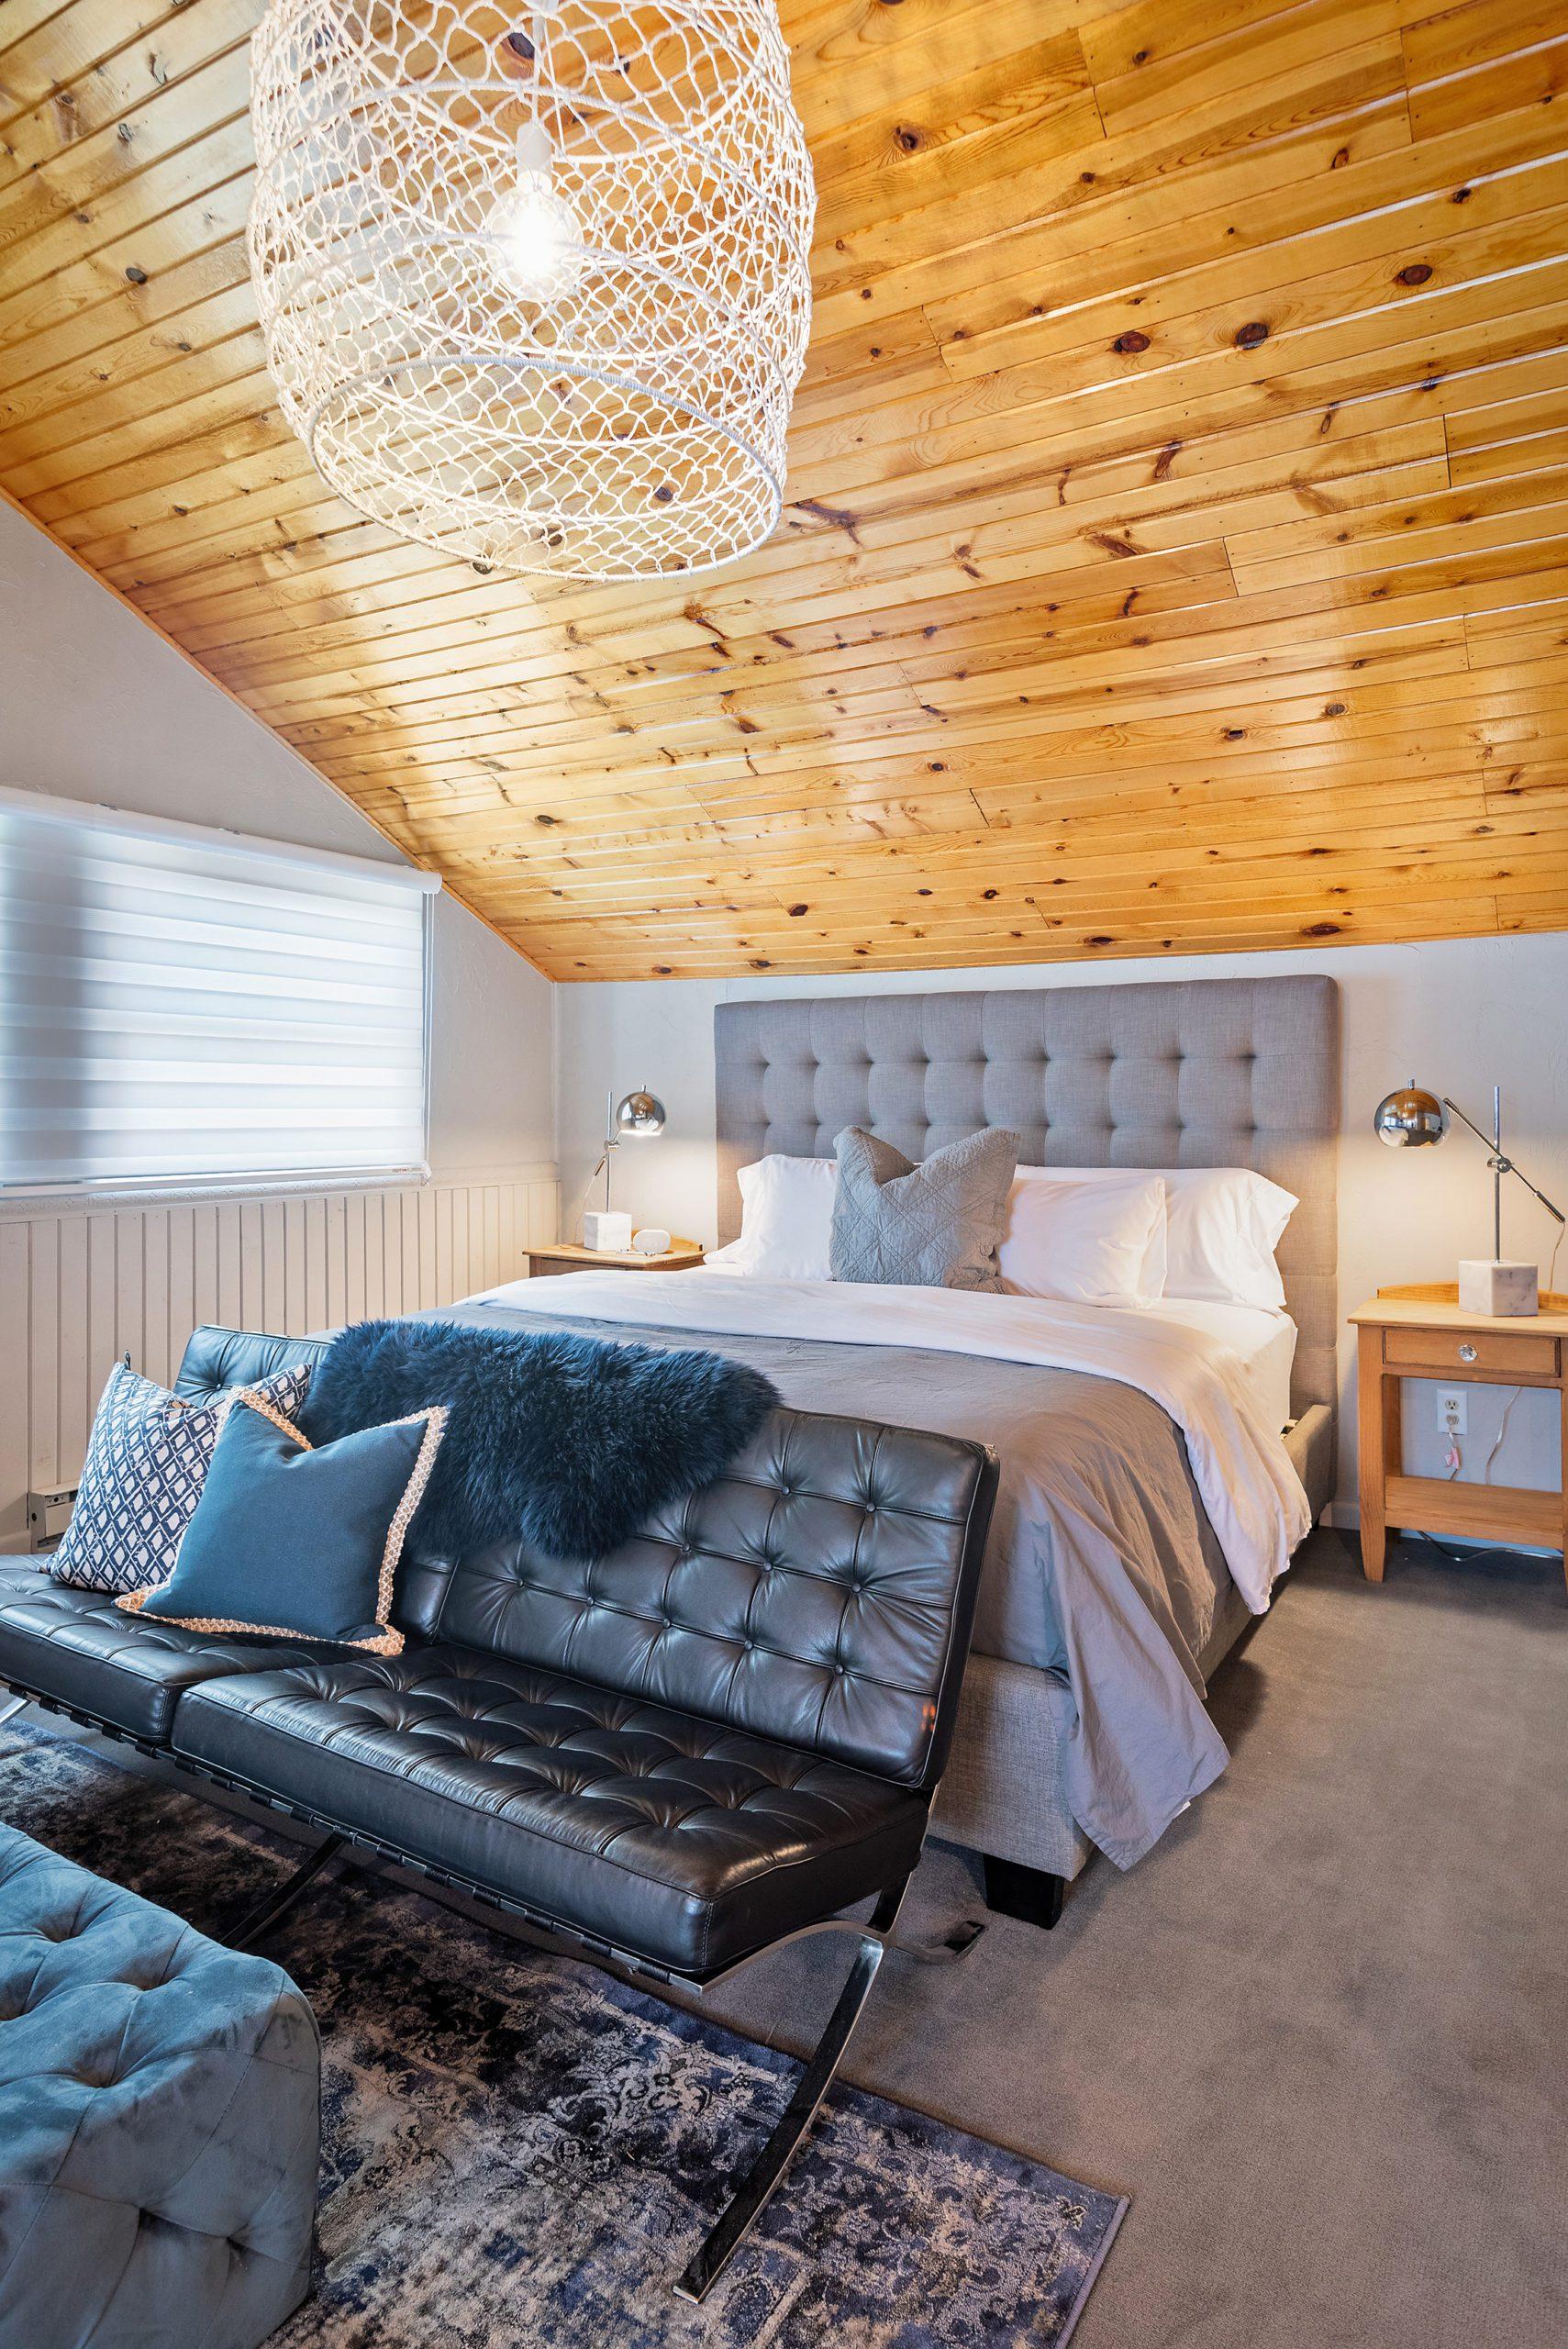 lover's loft bed